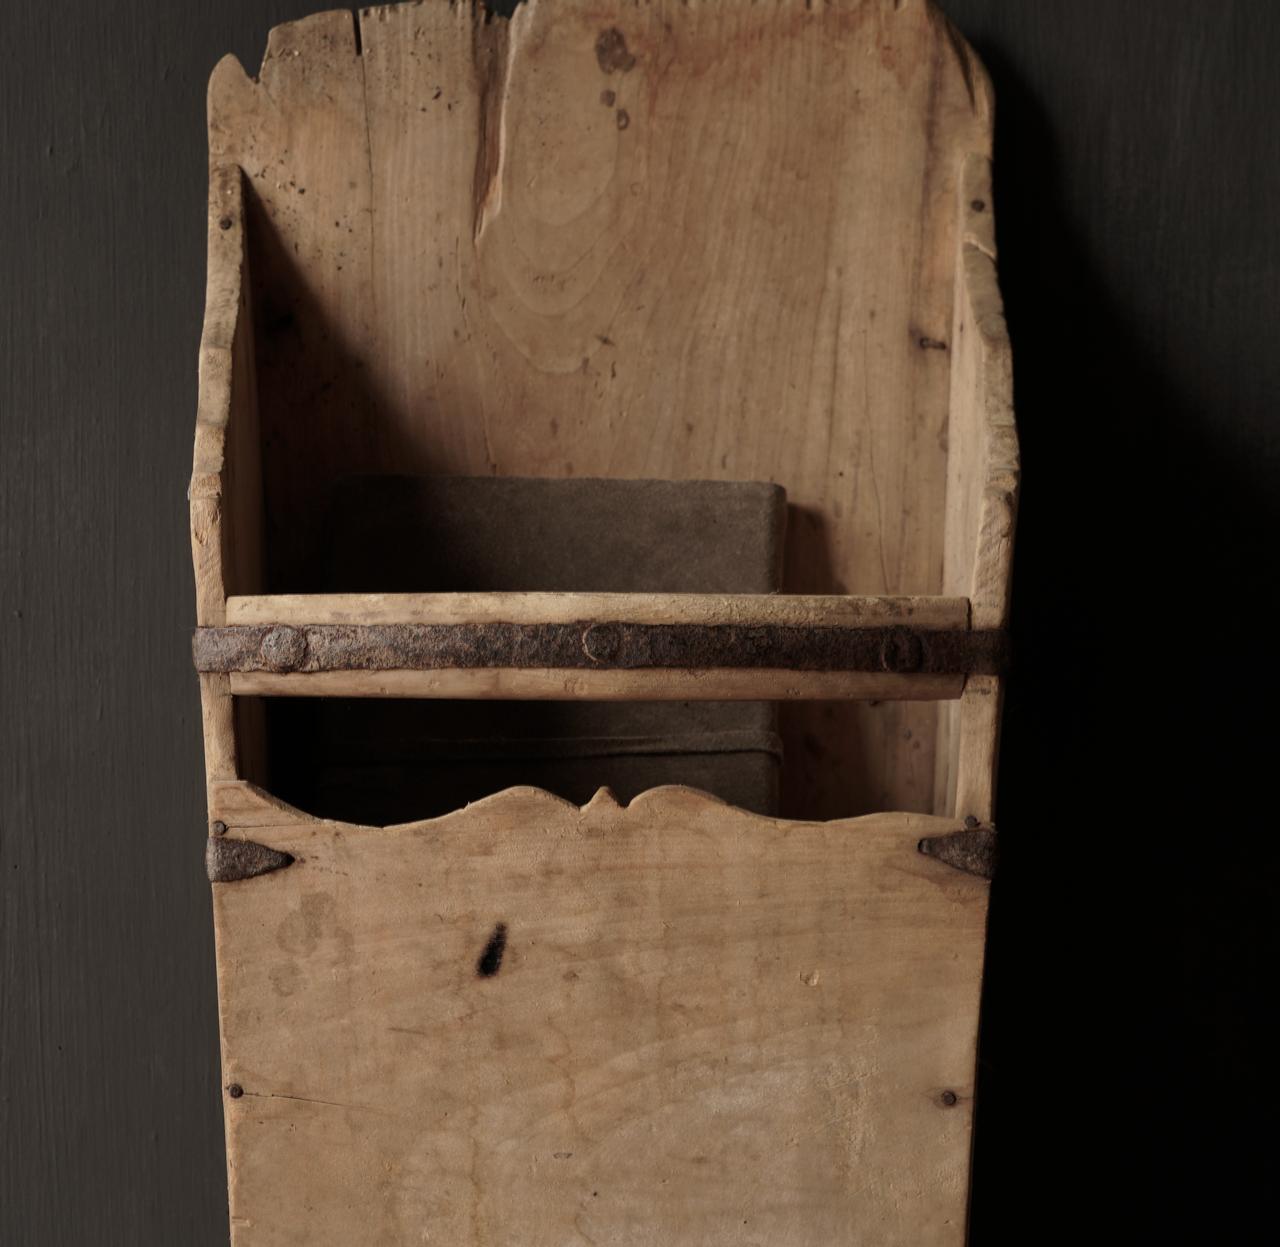 Large old wooden rice shovel / Bake-3